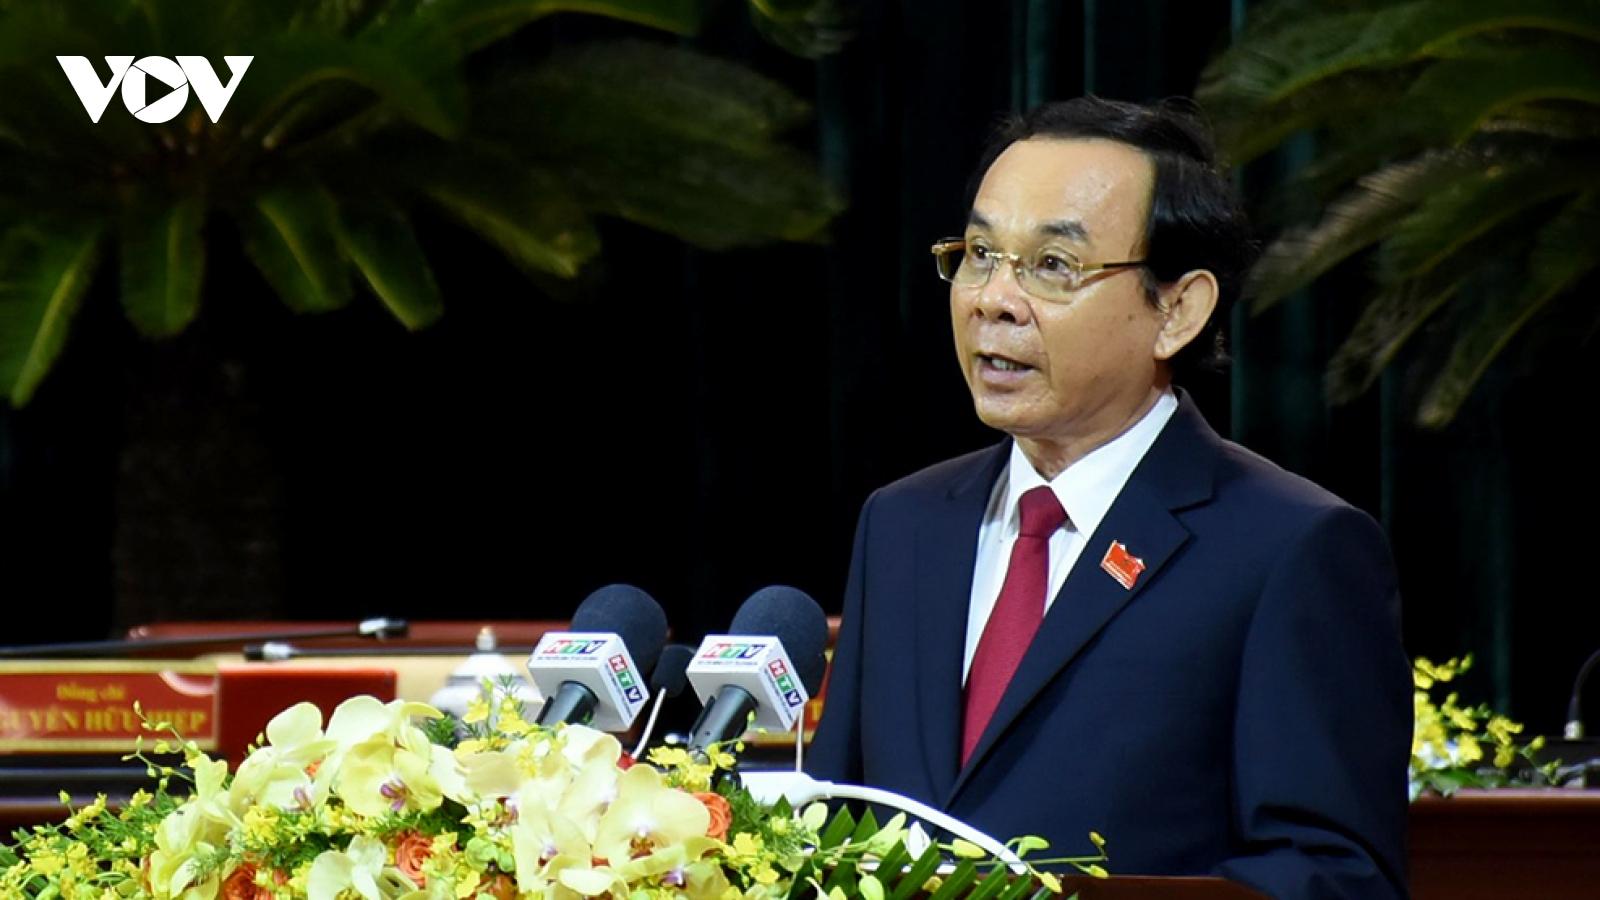 Bí thư Thành uỷ Nguyễn Văn Nên: TPHCM vì cả nước, cùng cả nước